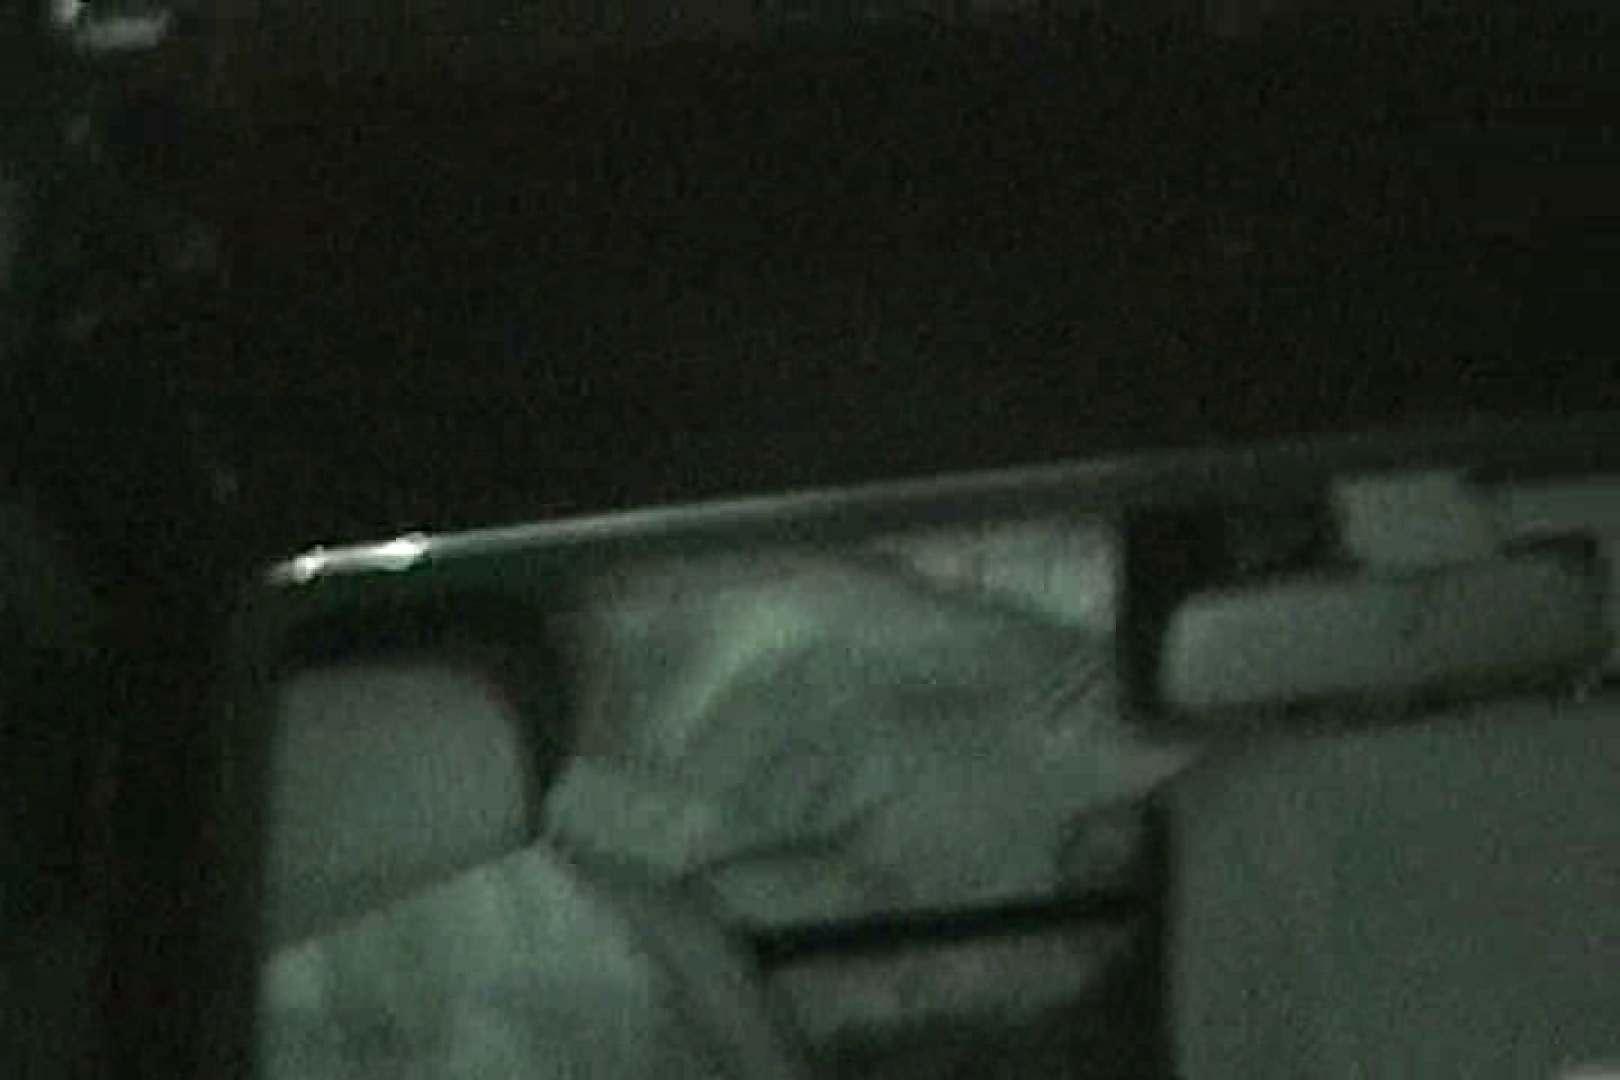 車の中はラブホテル 無修正版  Vol.8 ホテル  68連発 8